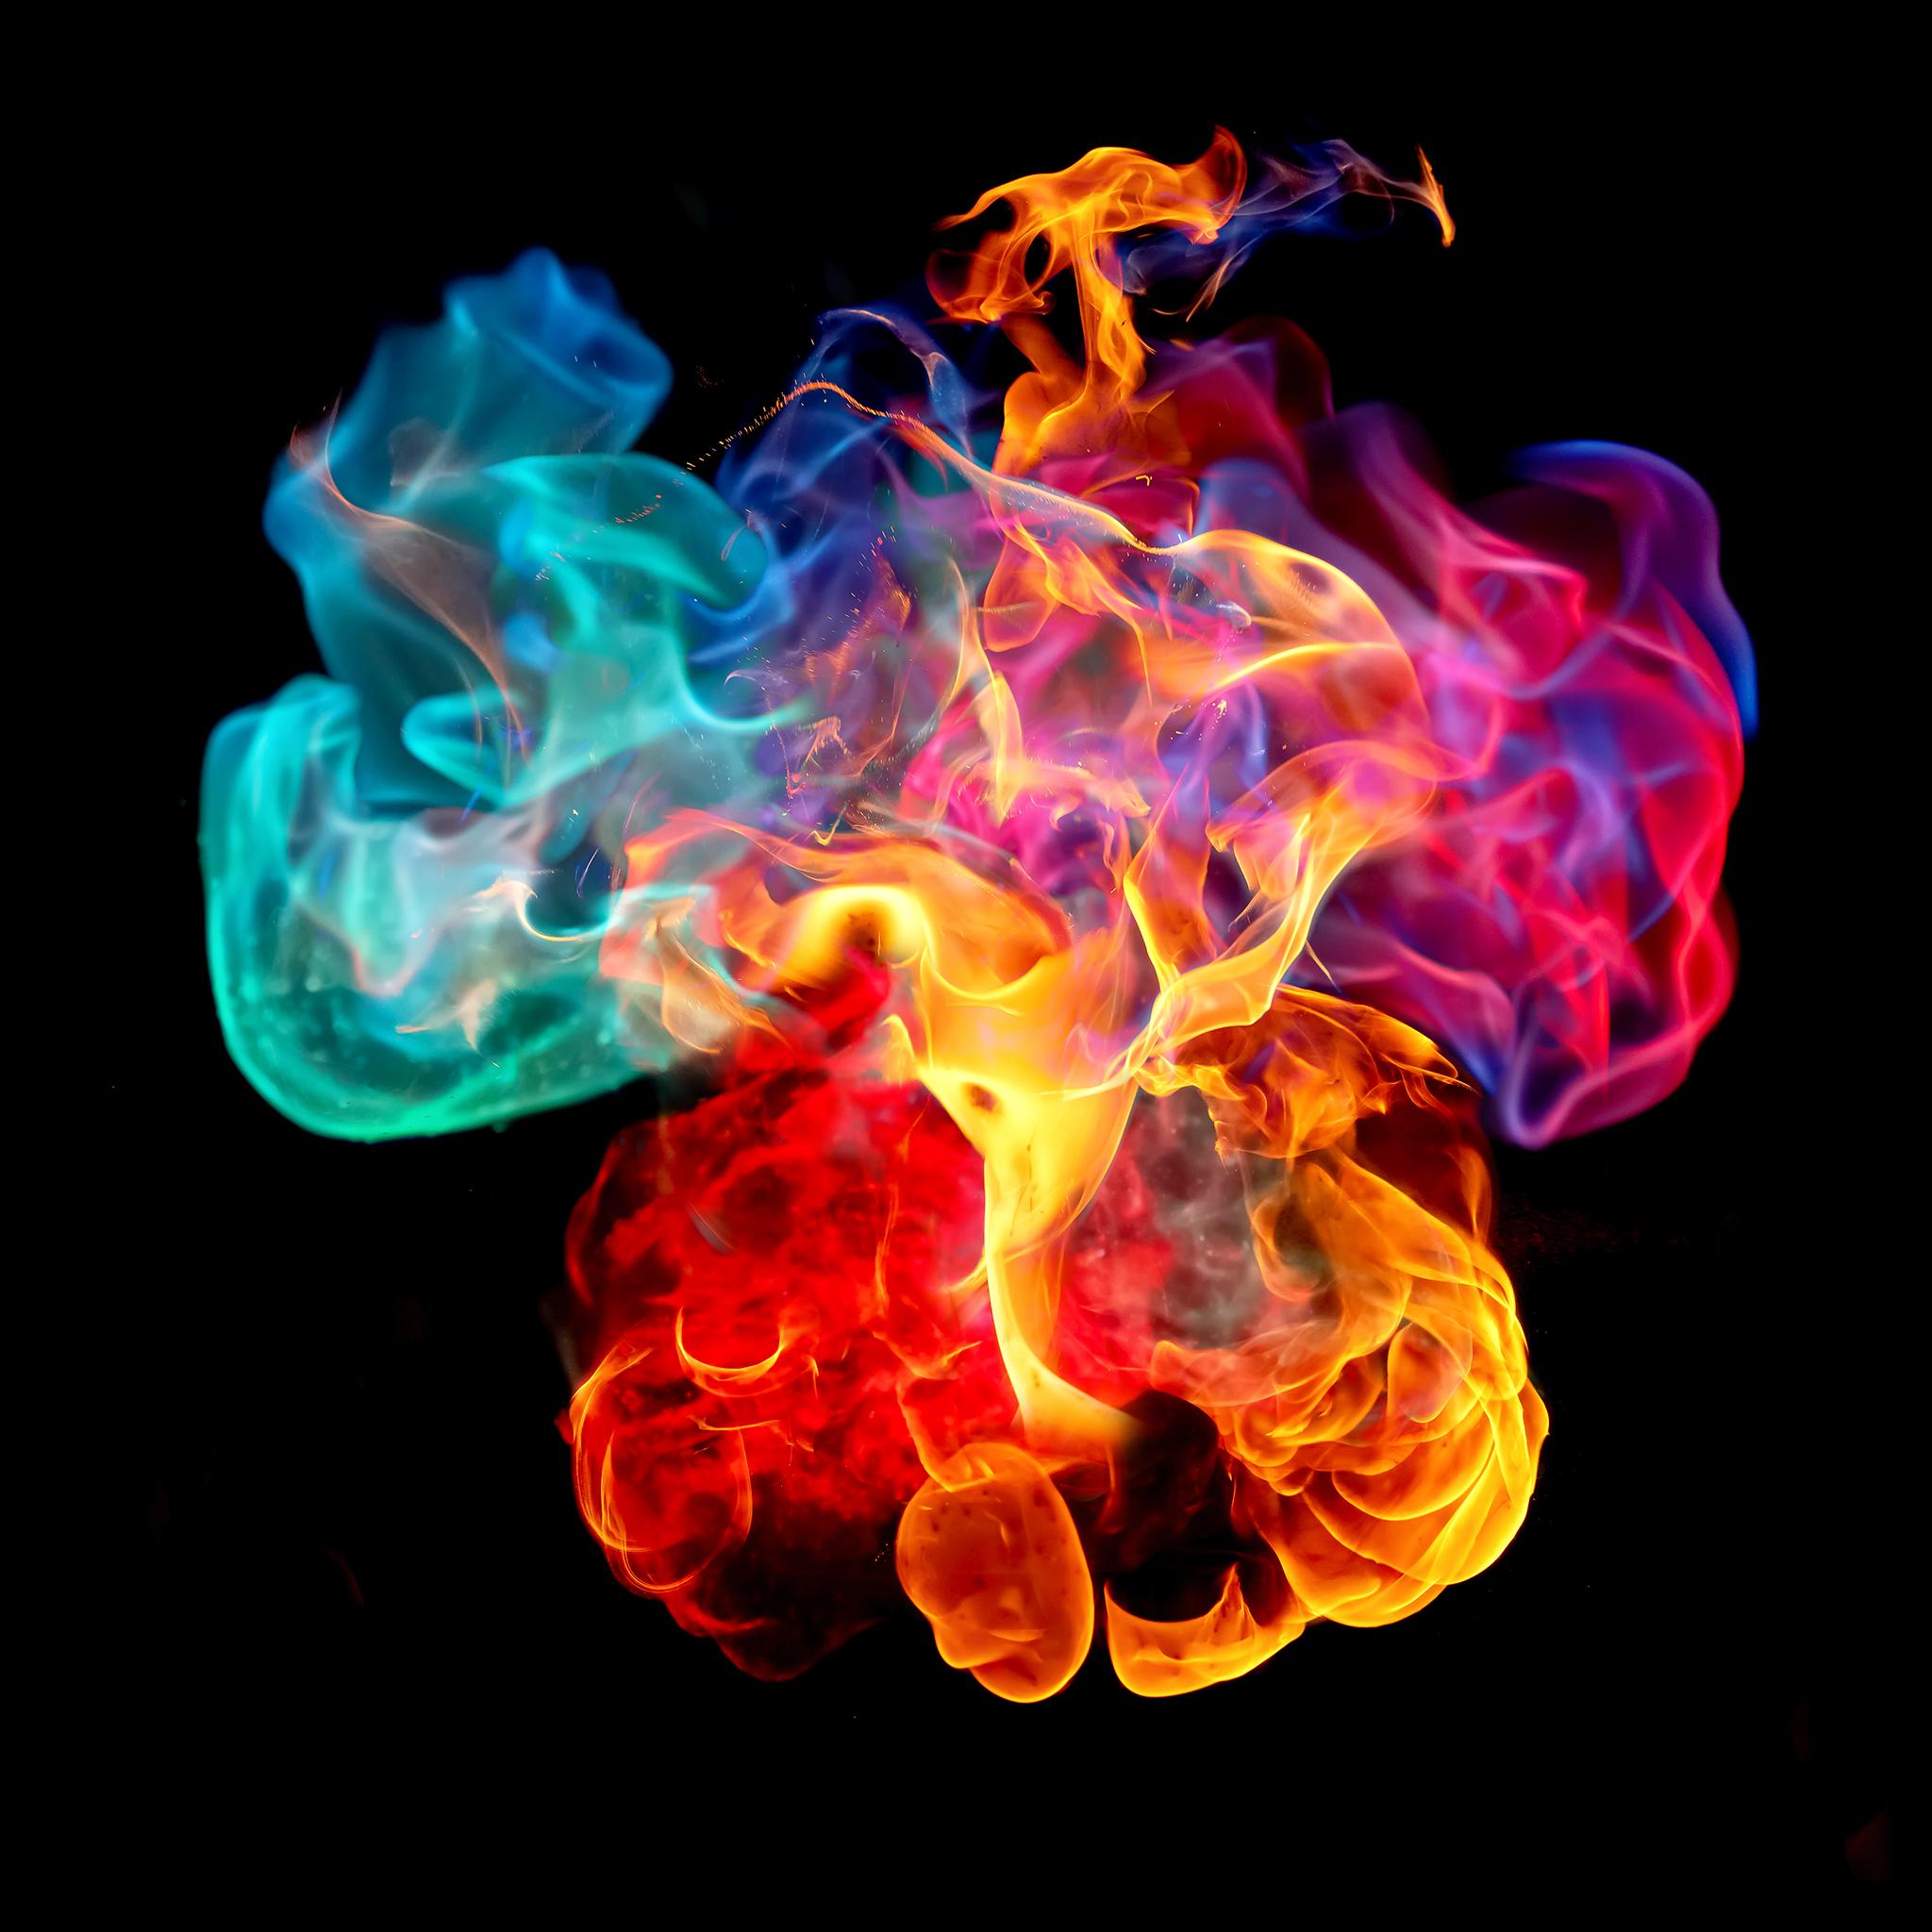 Nikon Z7, 1/8000, ISO 3200 Výsledná fotografie barevného ohně: zelená - měď, červená - stroncium, fialová - lithium